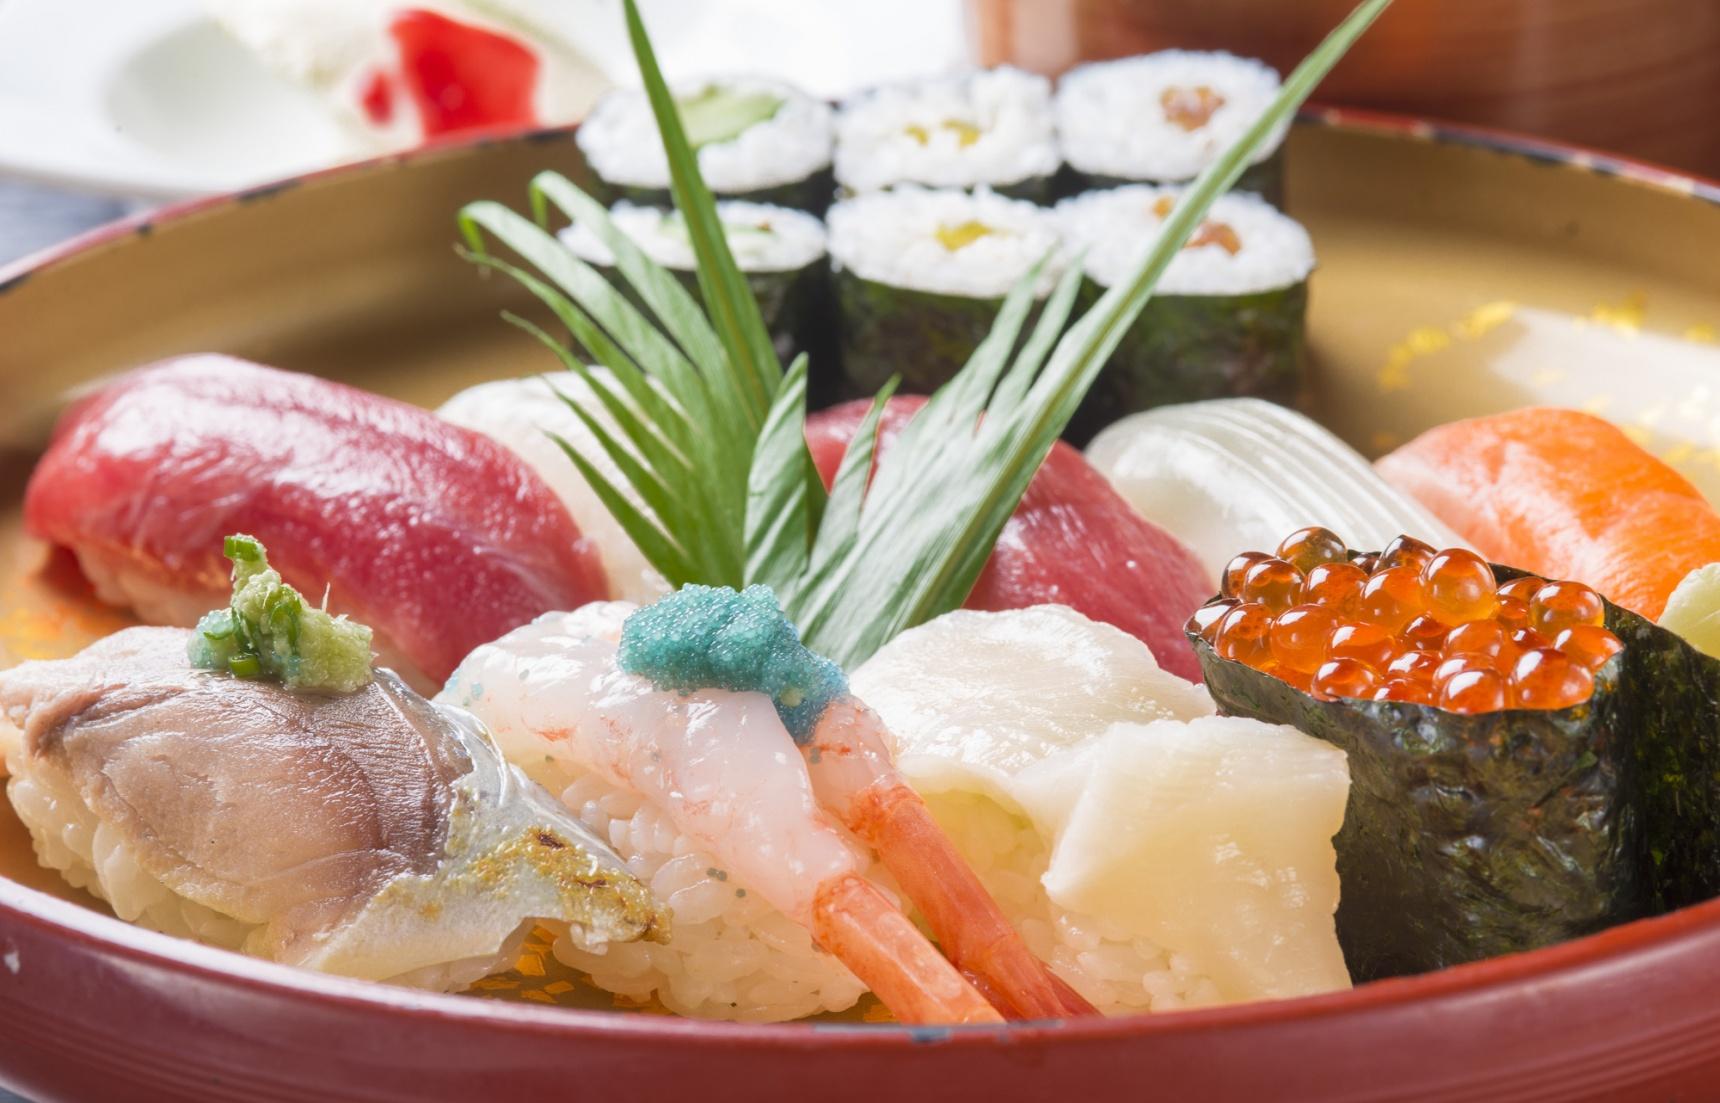 吃货党|北海道美食巡礼,小樽运河秘藏10家必吃海鲜